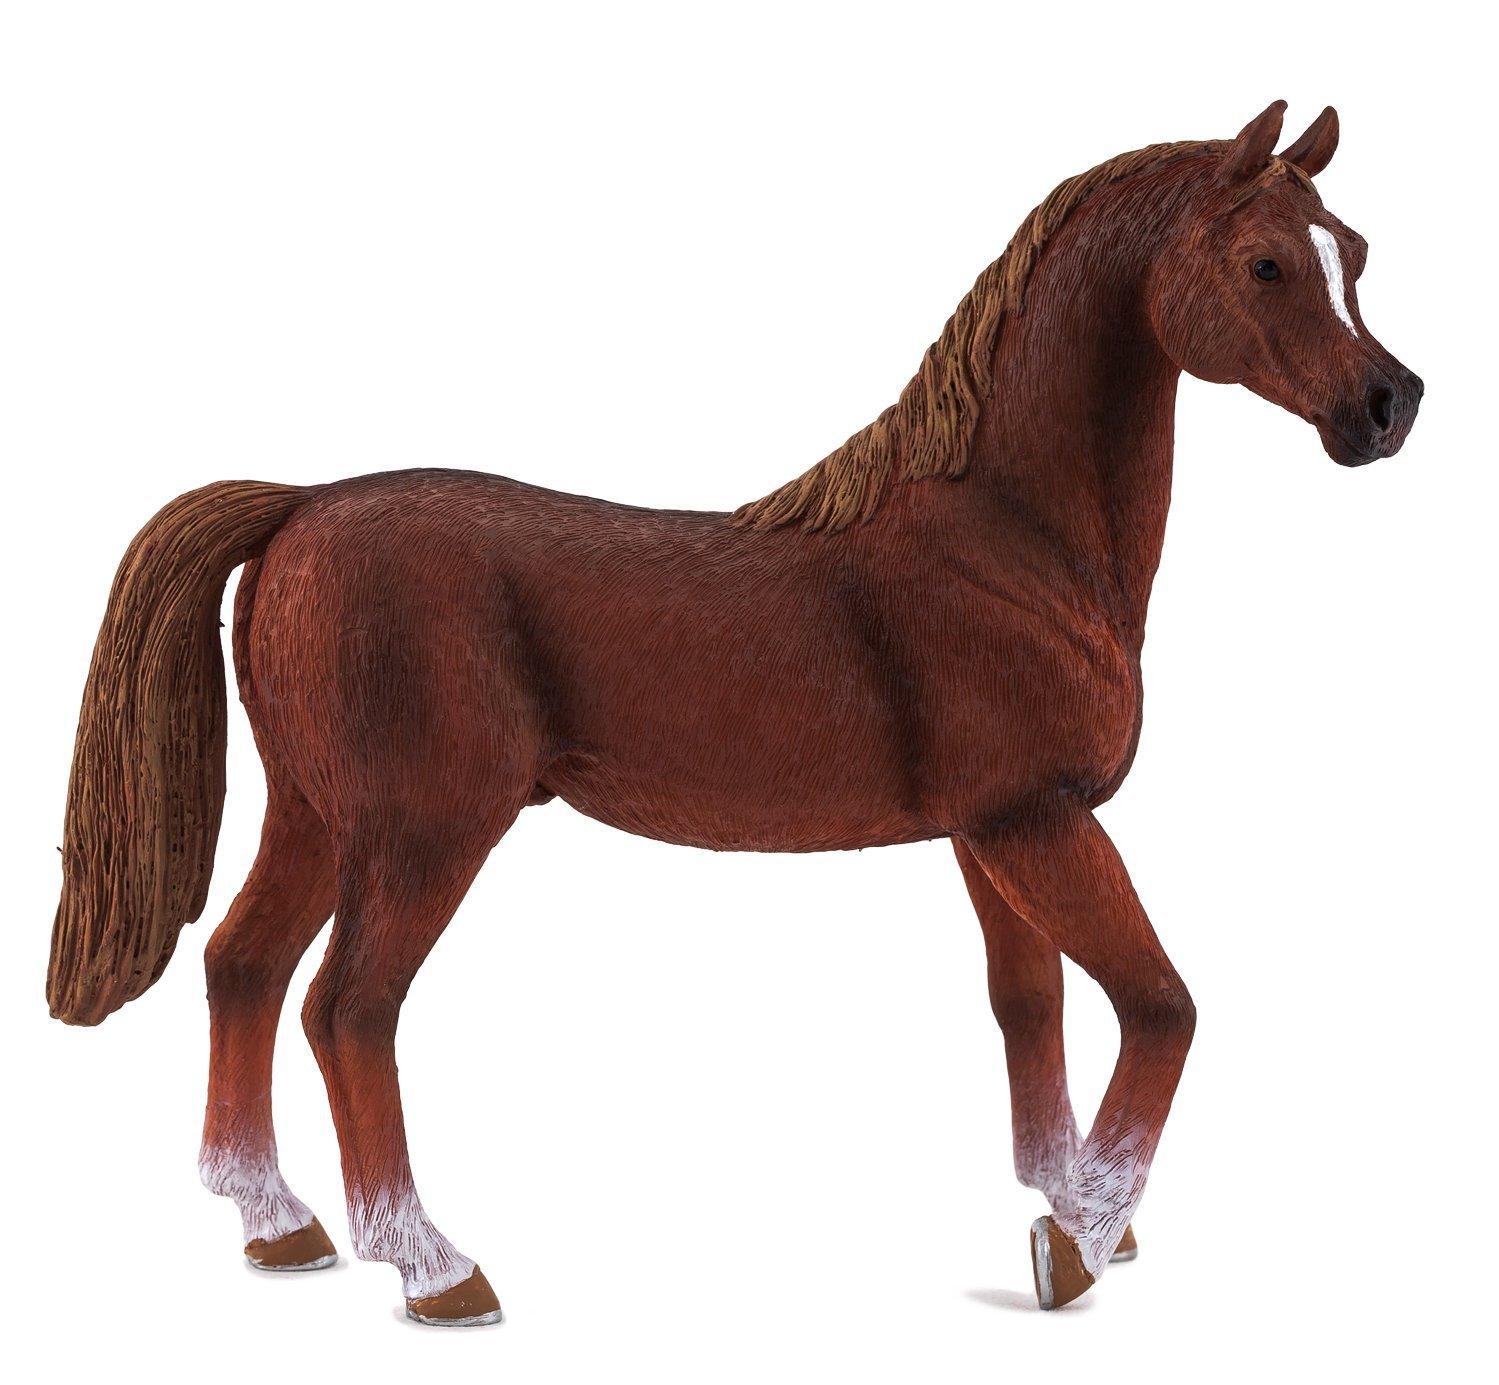 Фигурка - Жеребец Арабский каштановыйЛошади (Horse)<br>Фигурка - Жеребец Арабский каштановый<br>